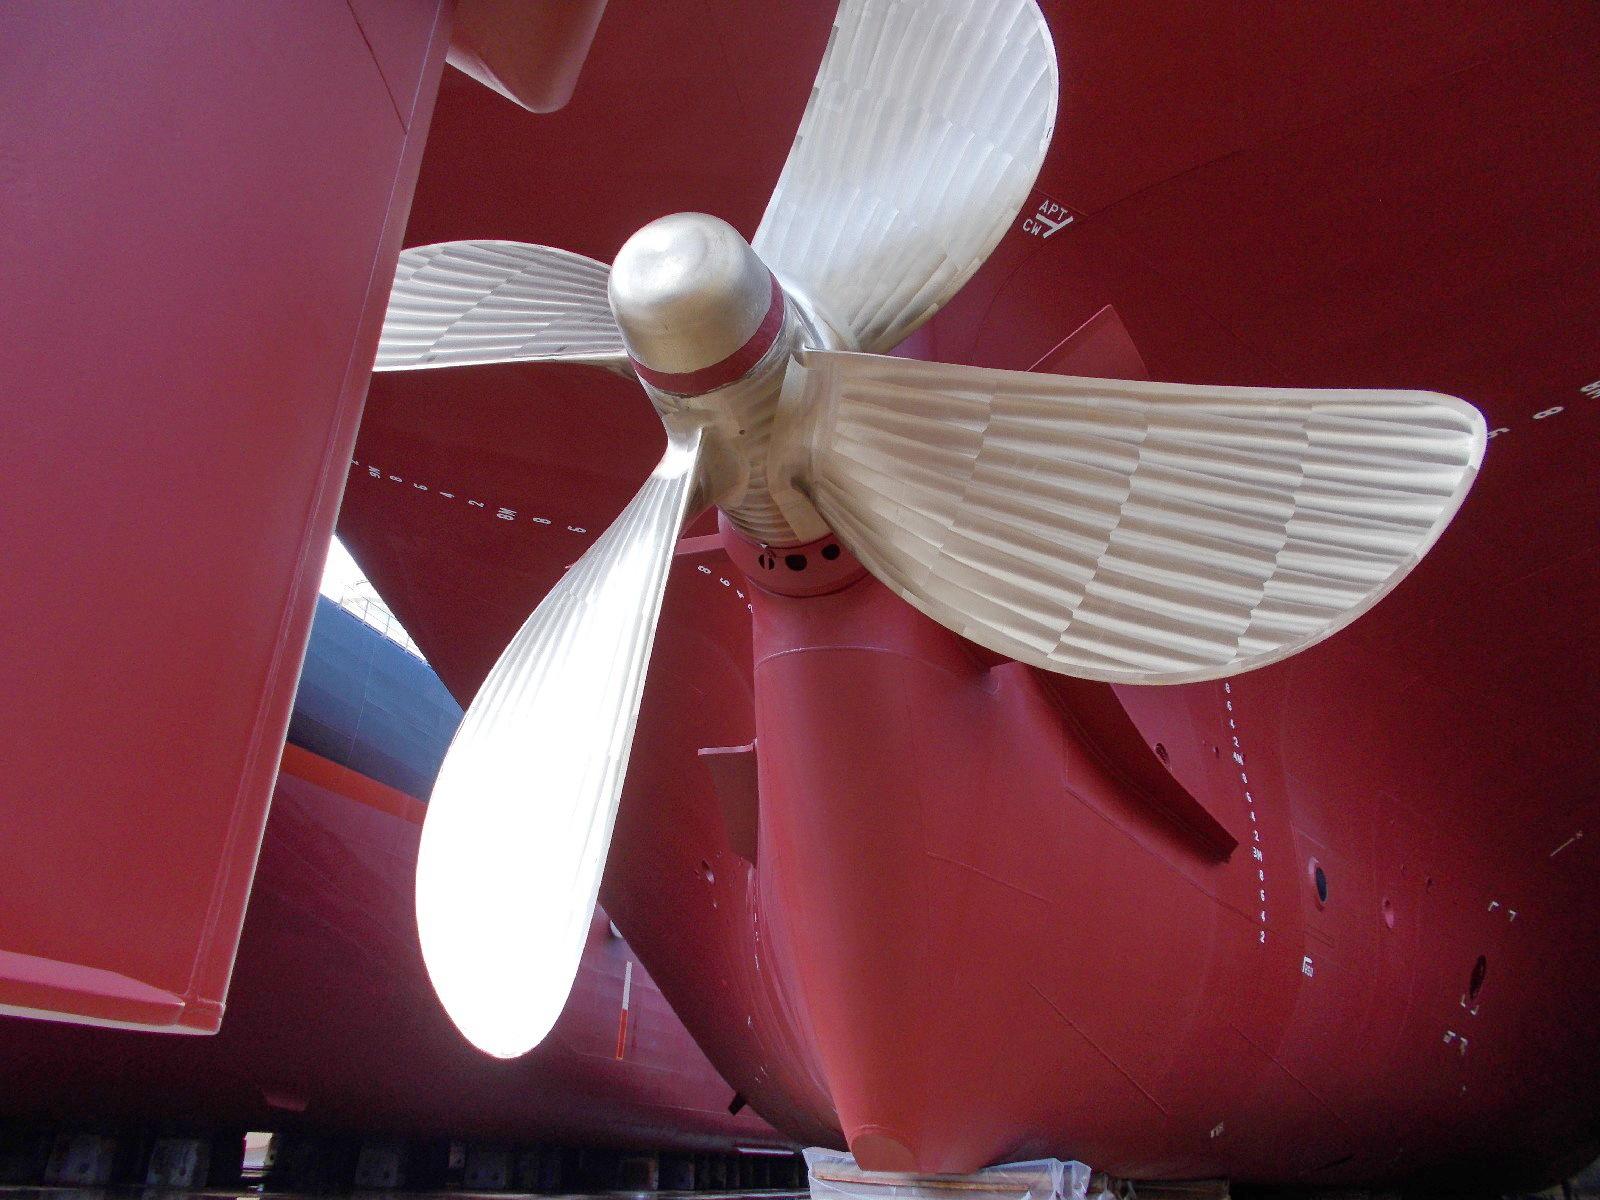 Benjamin-Oldendorff-Propeller-Launching-15-Feb-20